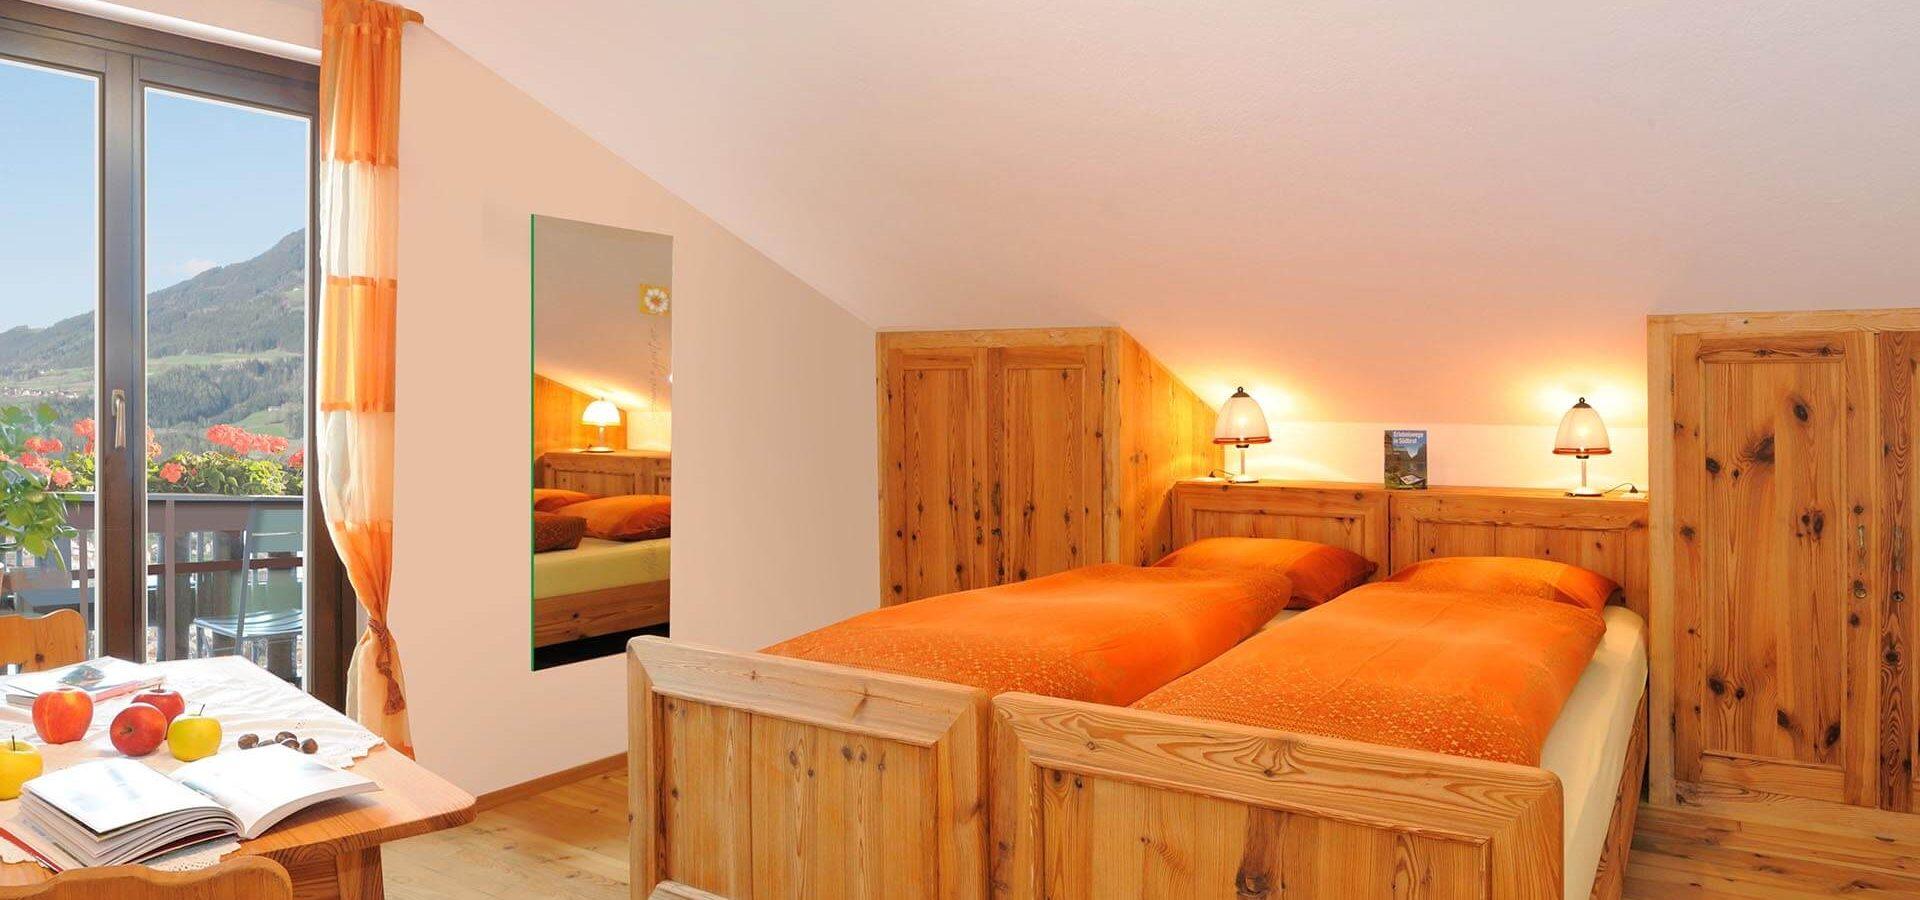 Ferienwohnungen in Brixen in Südtirol